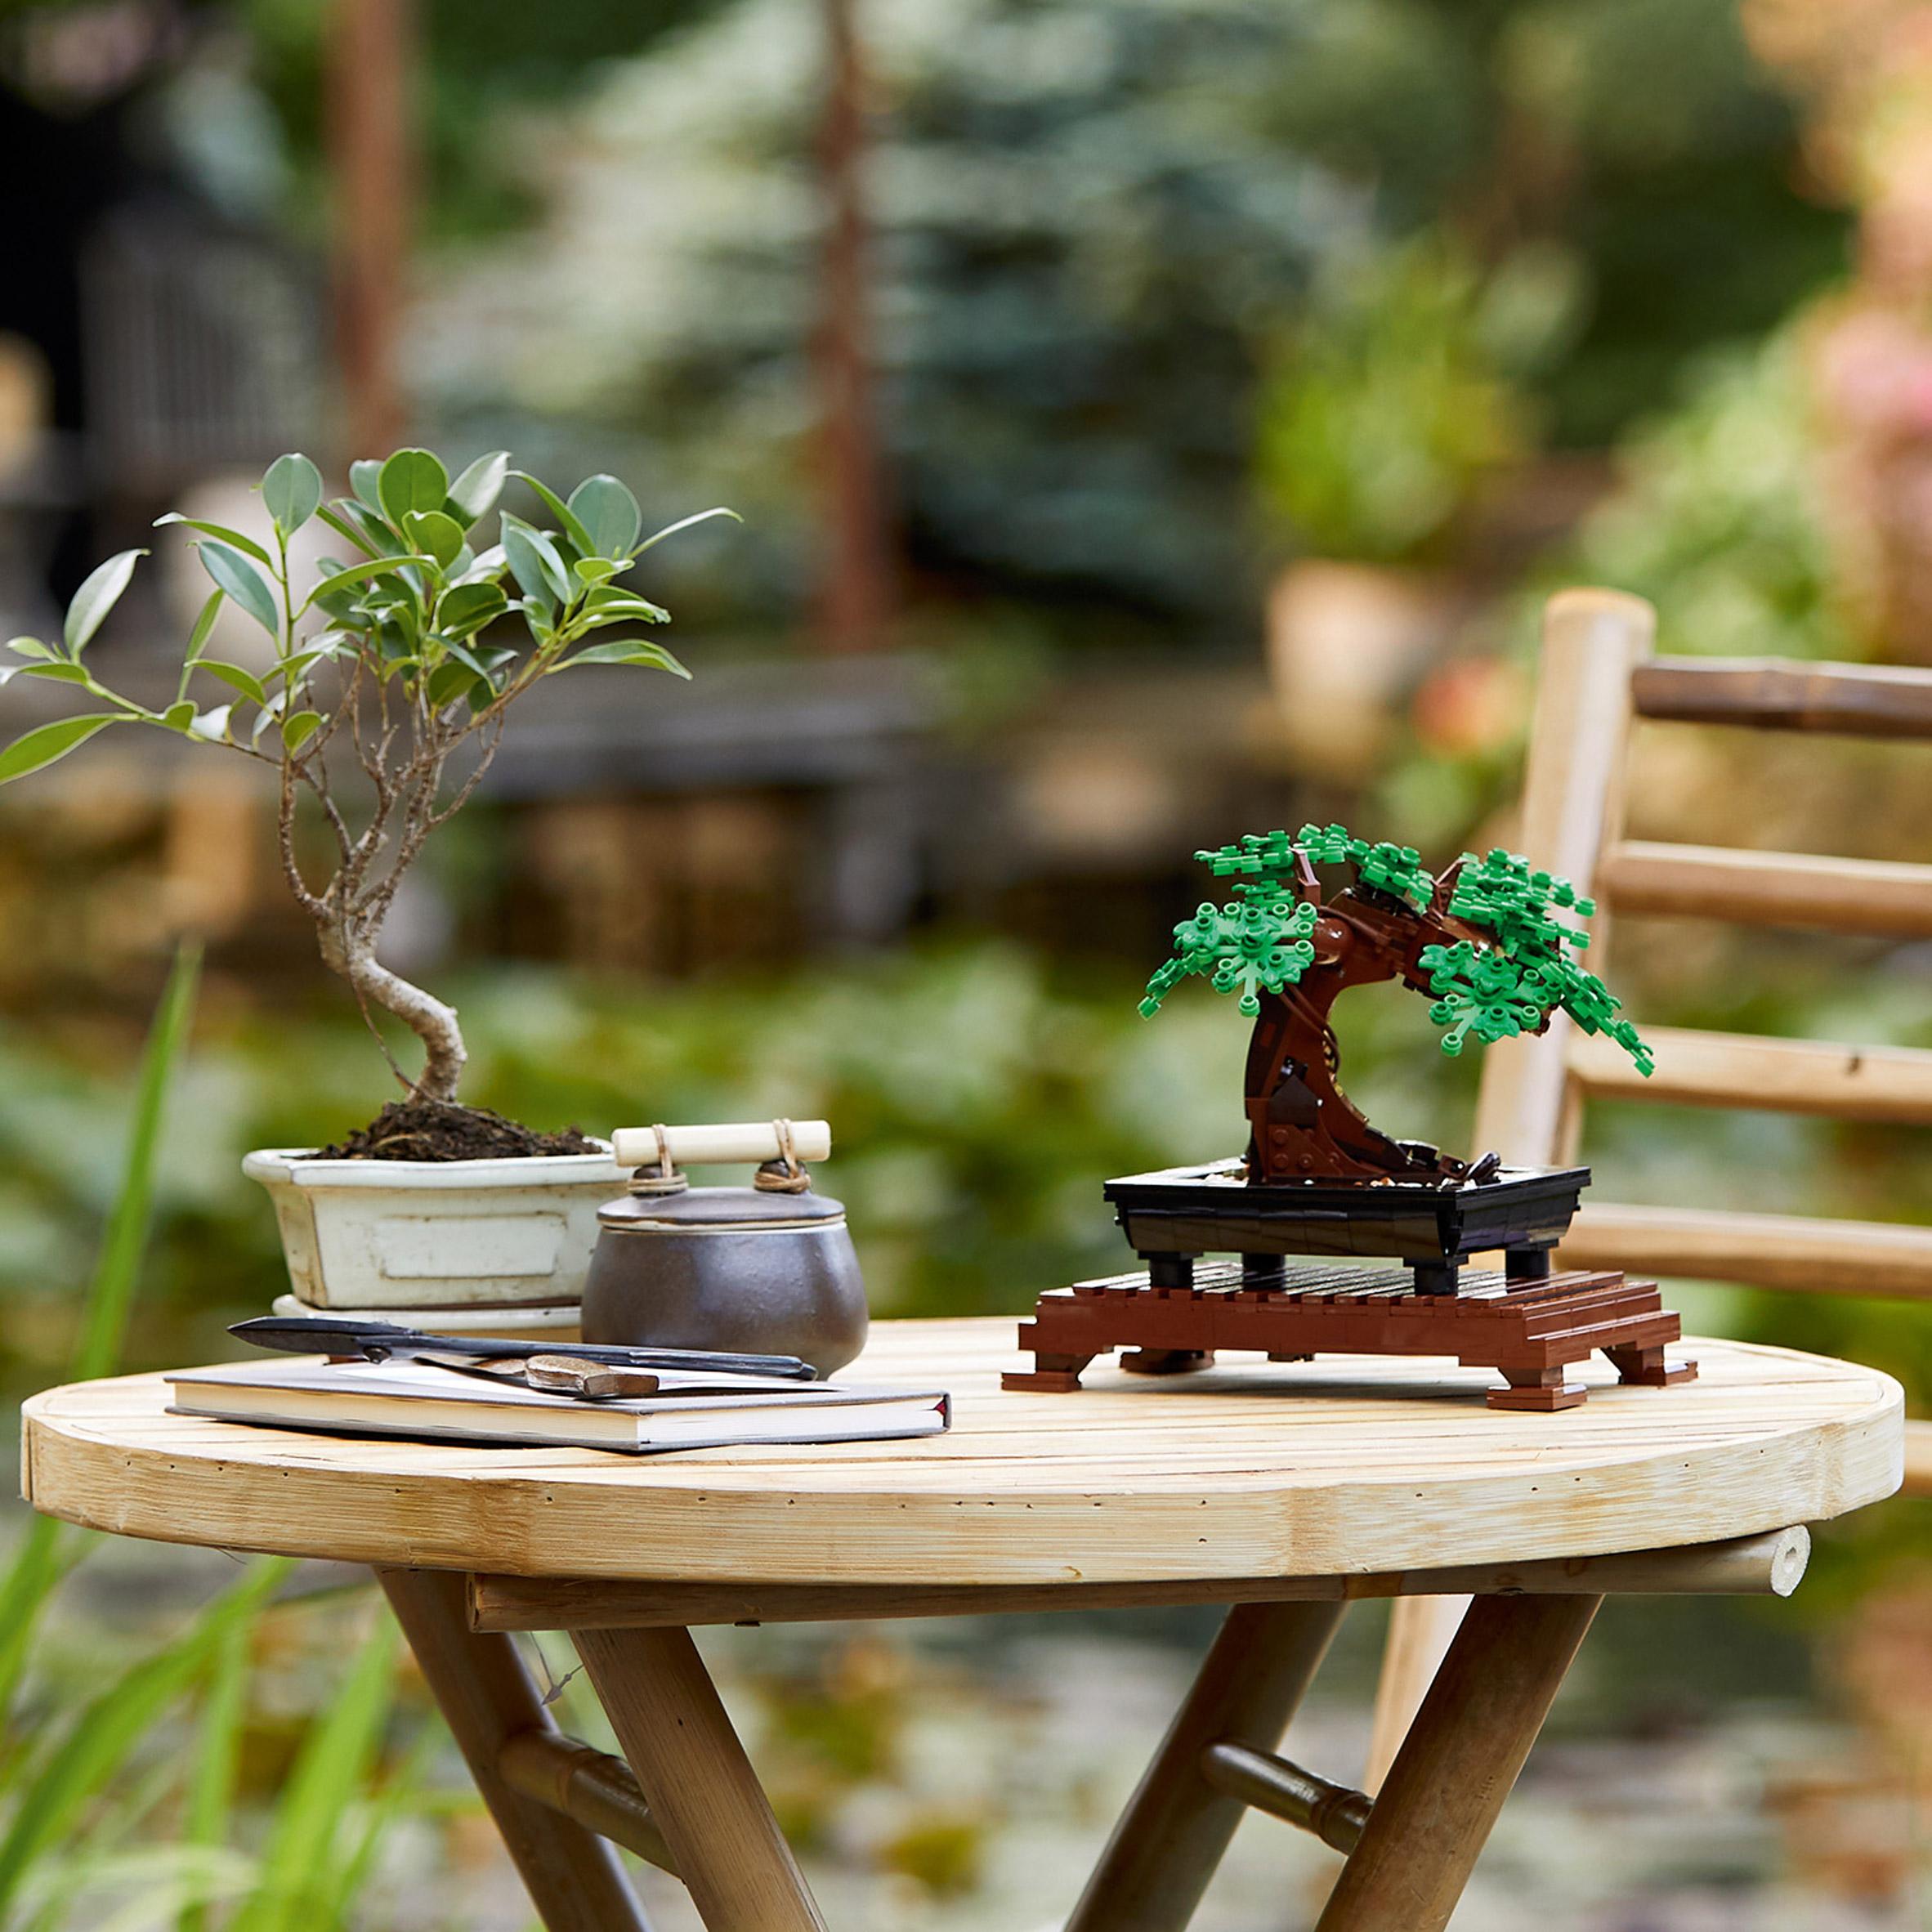 Coleção Botânica do Lego; destinado aos adultos; feitos de bioplásticos